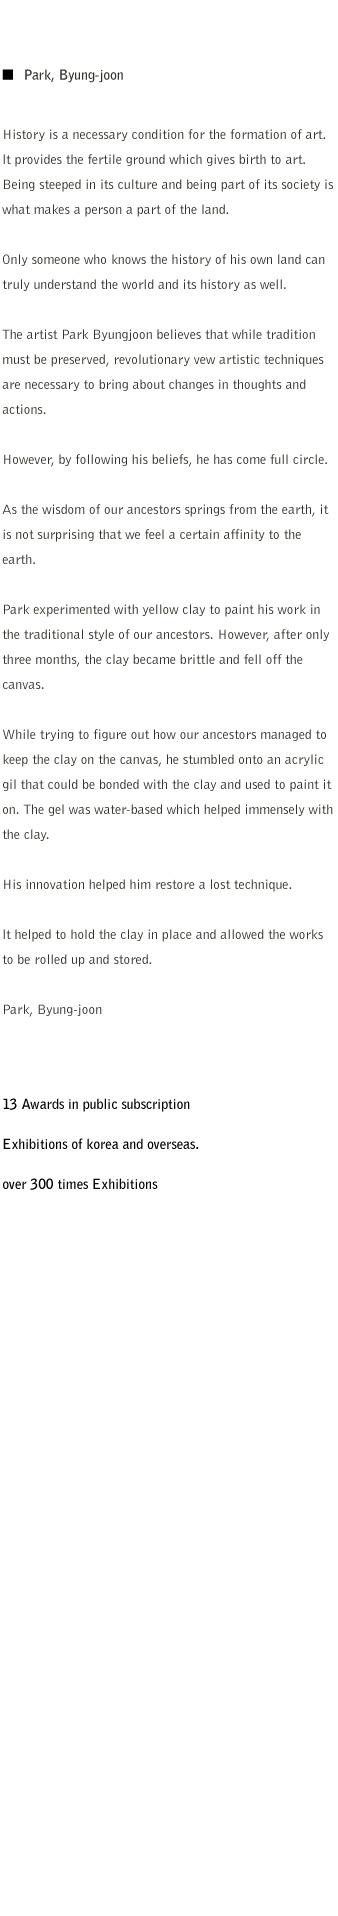 Park, Byung-joon.jpg